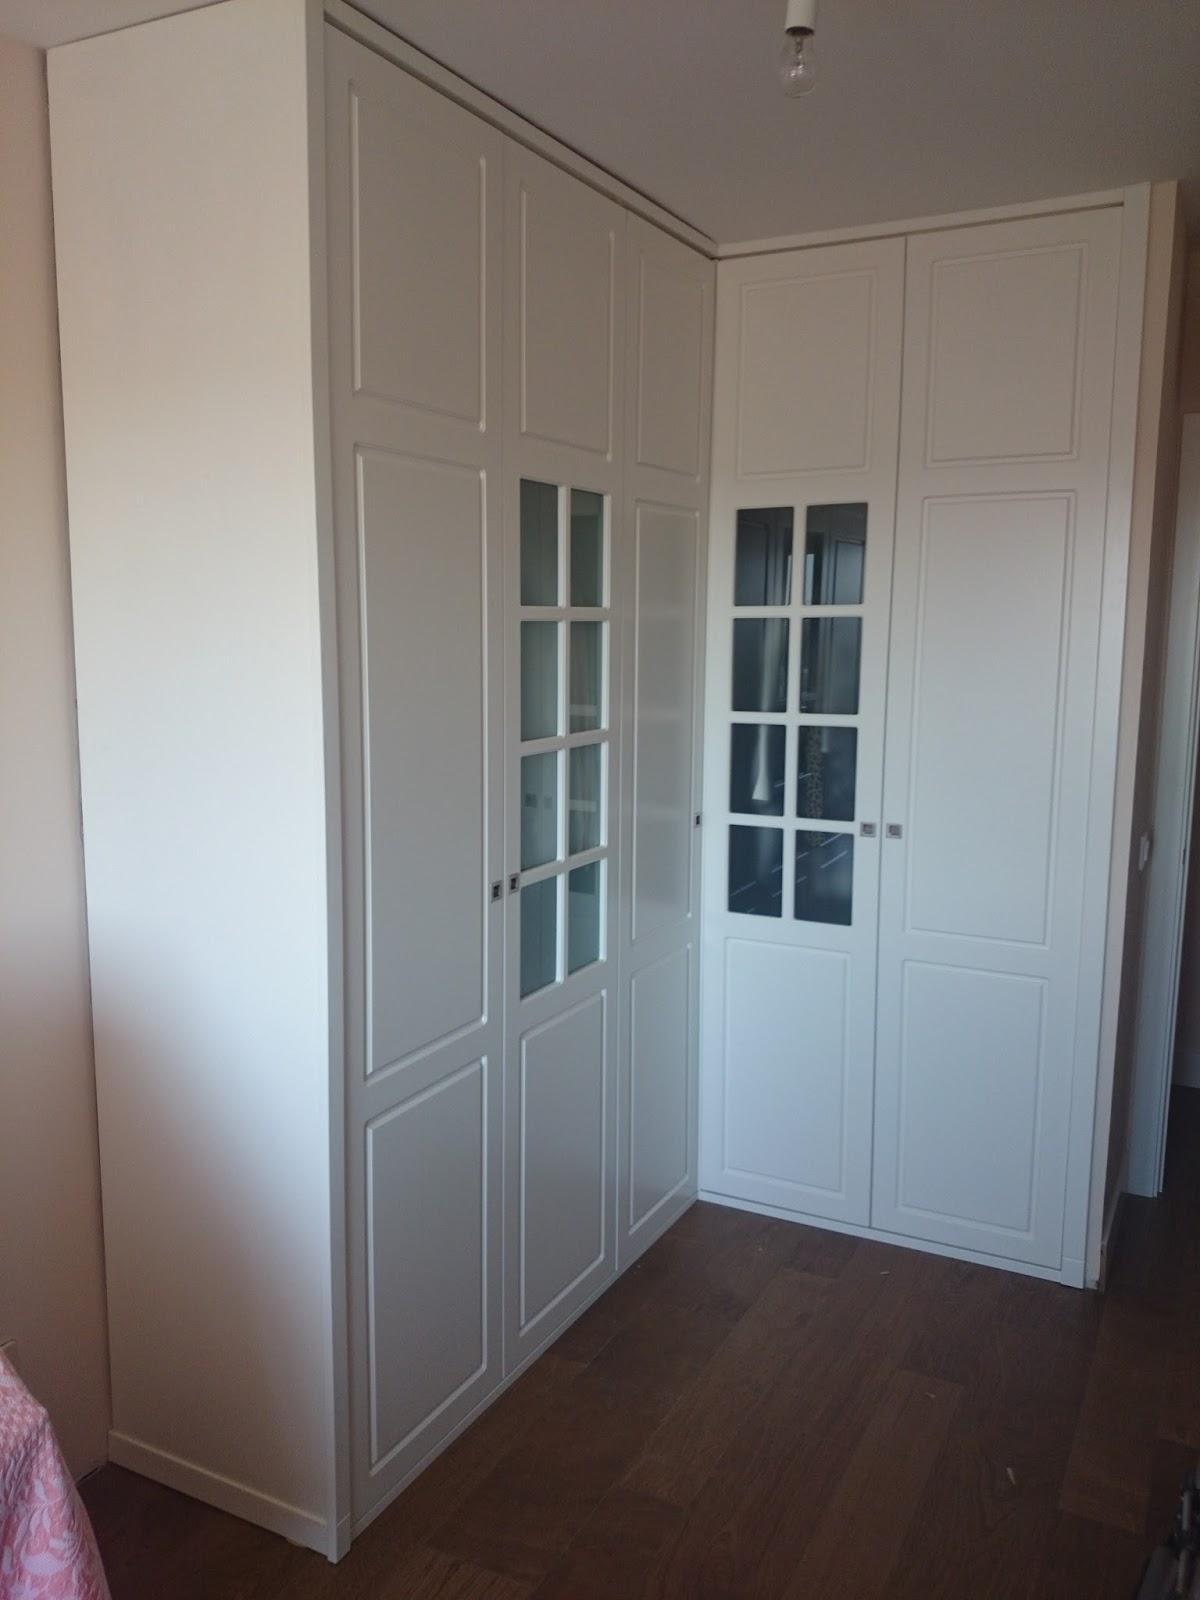 Muebles a medida armario en esquina con puertas - Armarios empotrados en esquina ...